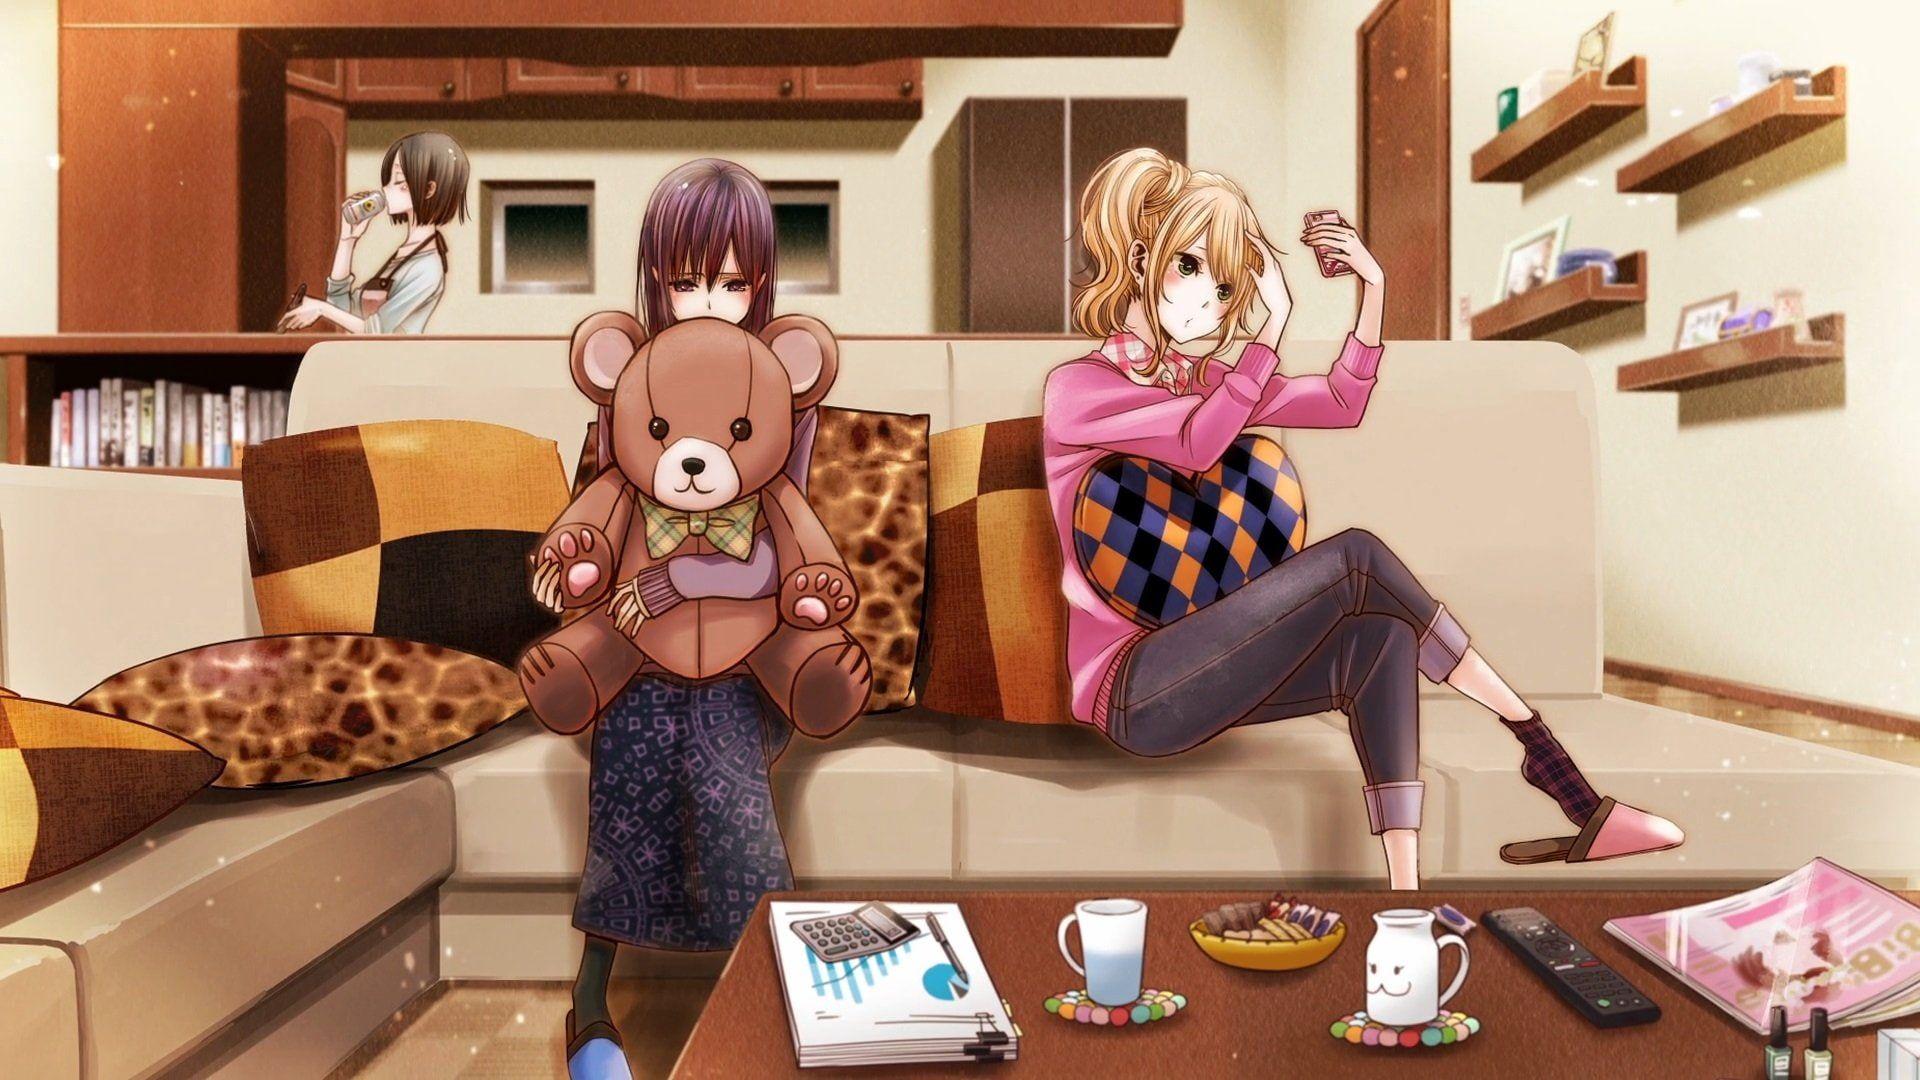 Anime Citrus Mei Aihara Ume Aihara Yuzu Aihara 1080p Wallpaper Hdwallpaper Desktop Anime Citrus Manga Anime Funny